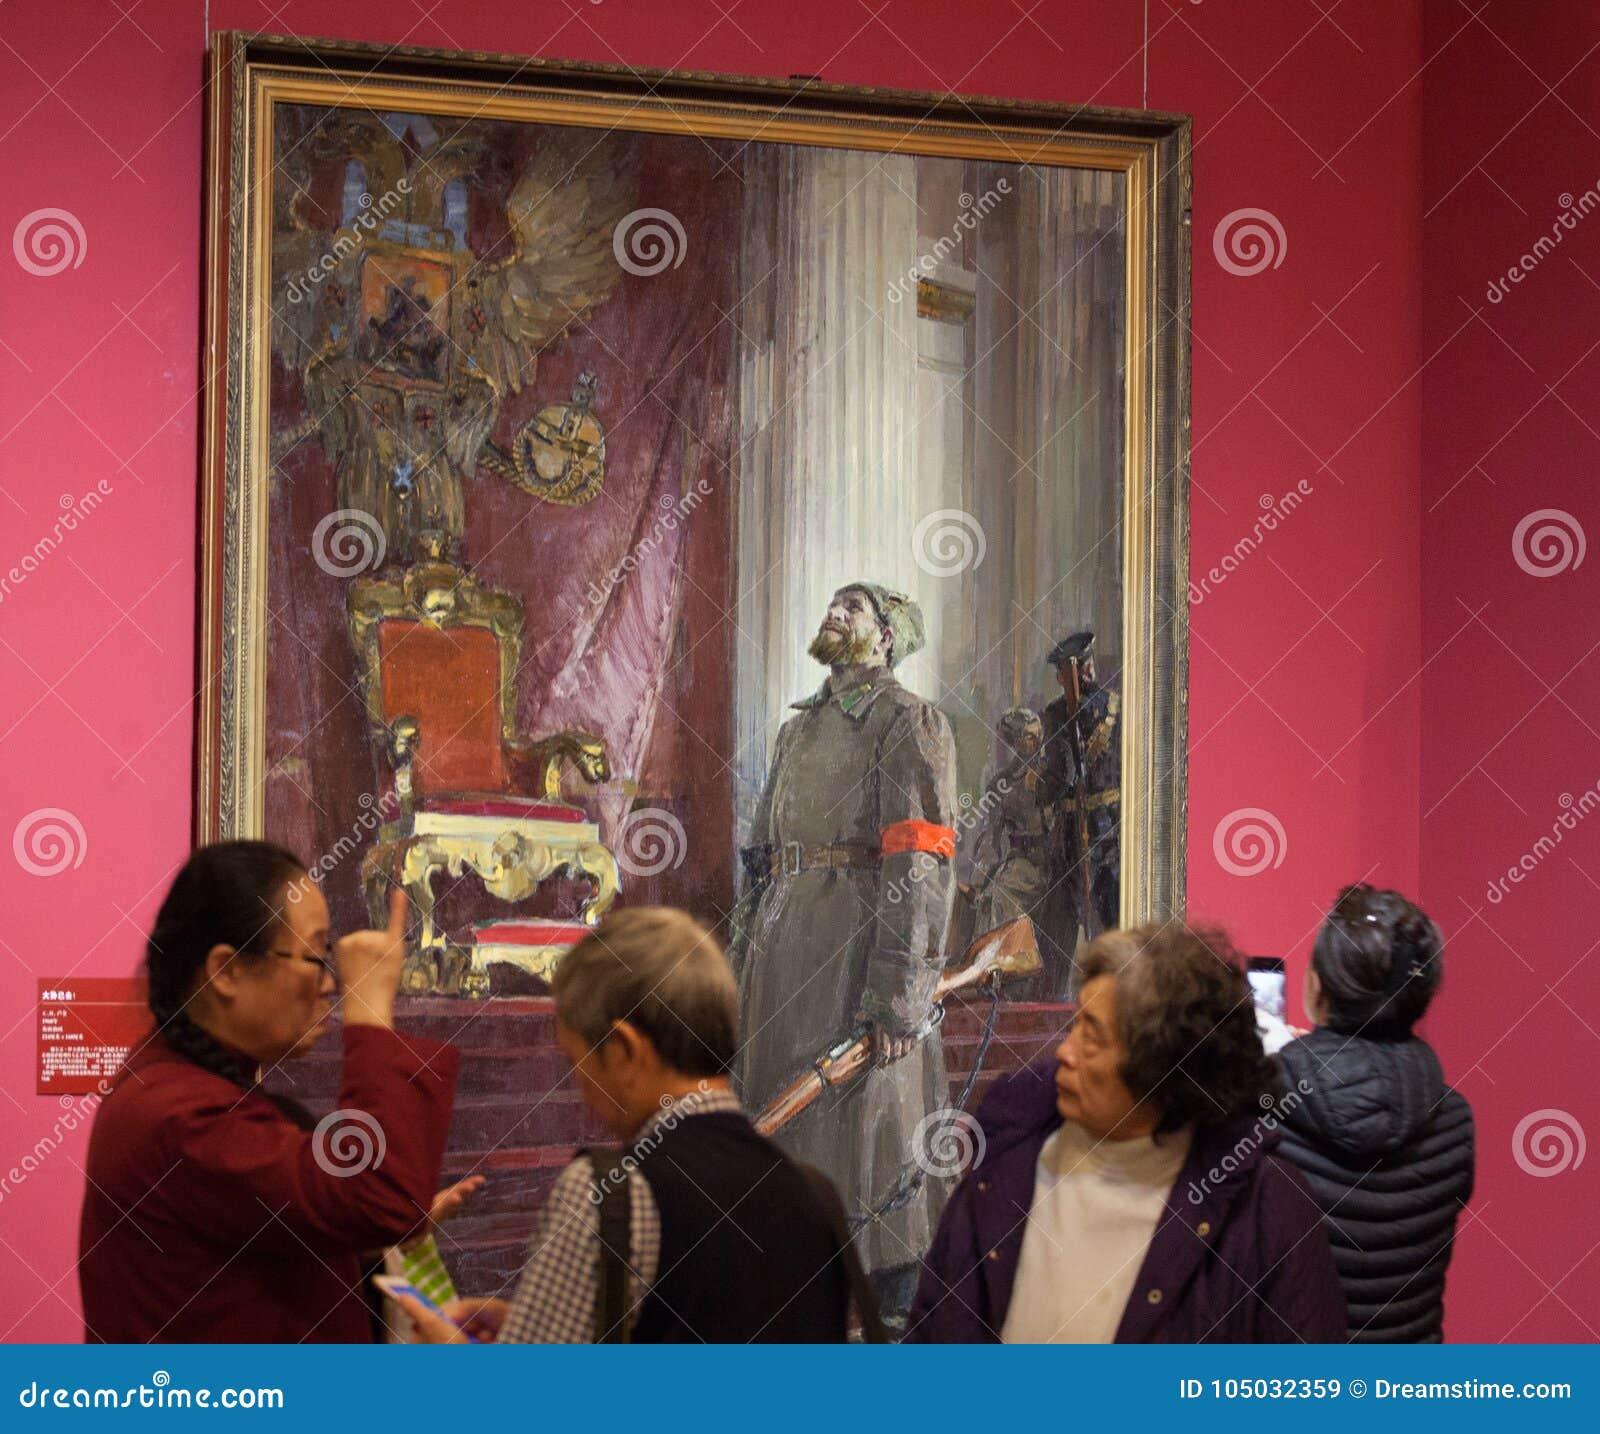 Leidenschaftliche Debatte der Leute vor einer Malerei, die ` der Tag genannt wird, ist verlorenes `